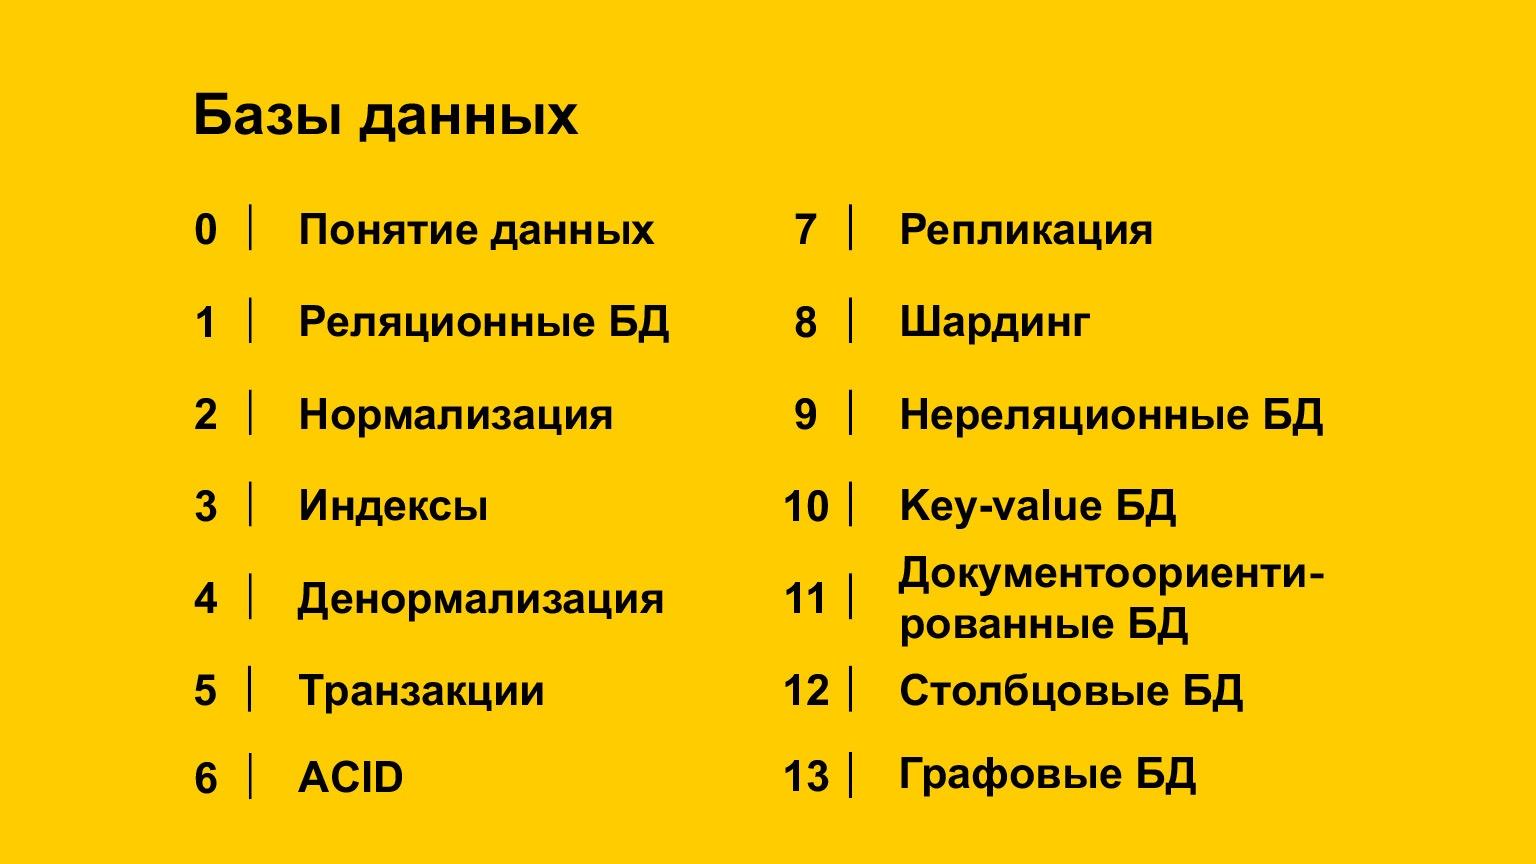 Базы данных: большой обзор типов и подходов. Доклад Яндекса - 1